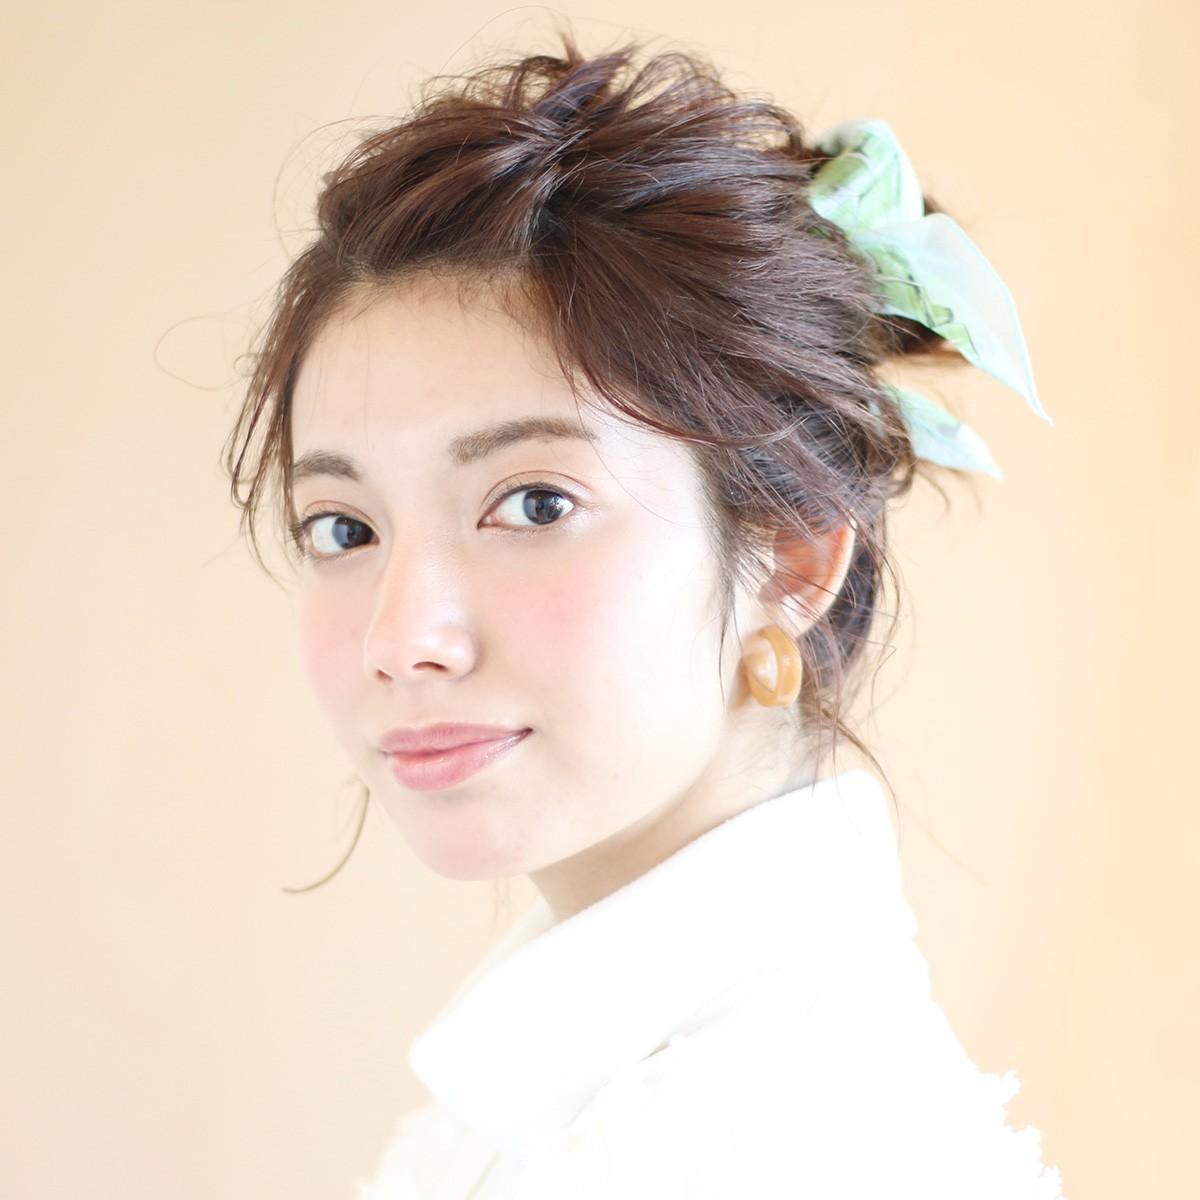 """【動画つき!】可愛さ倍増 """"ホメ髪""""テクニック"""